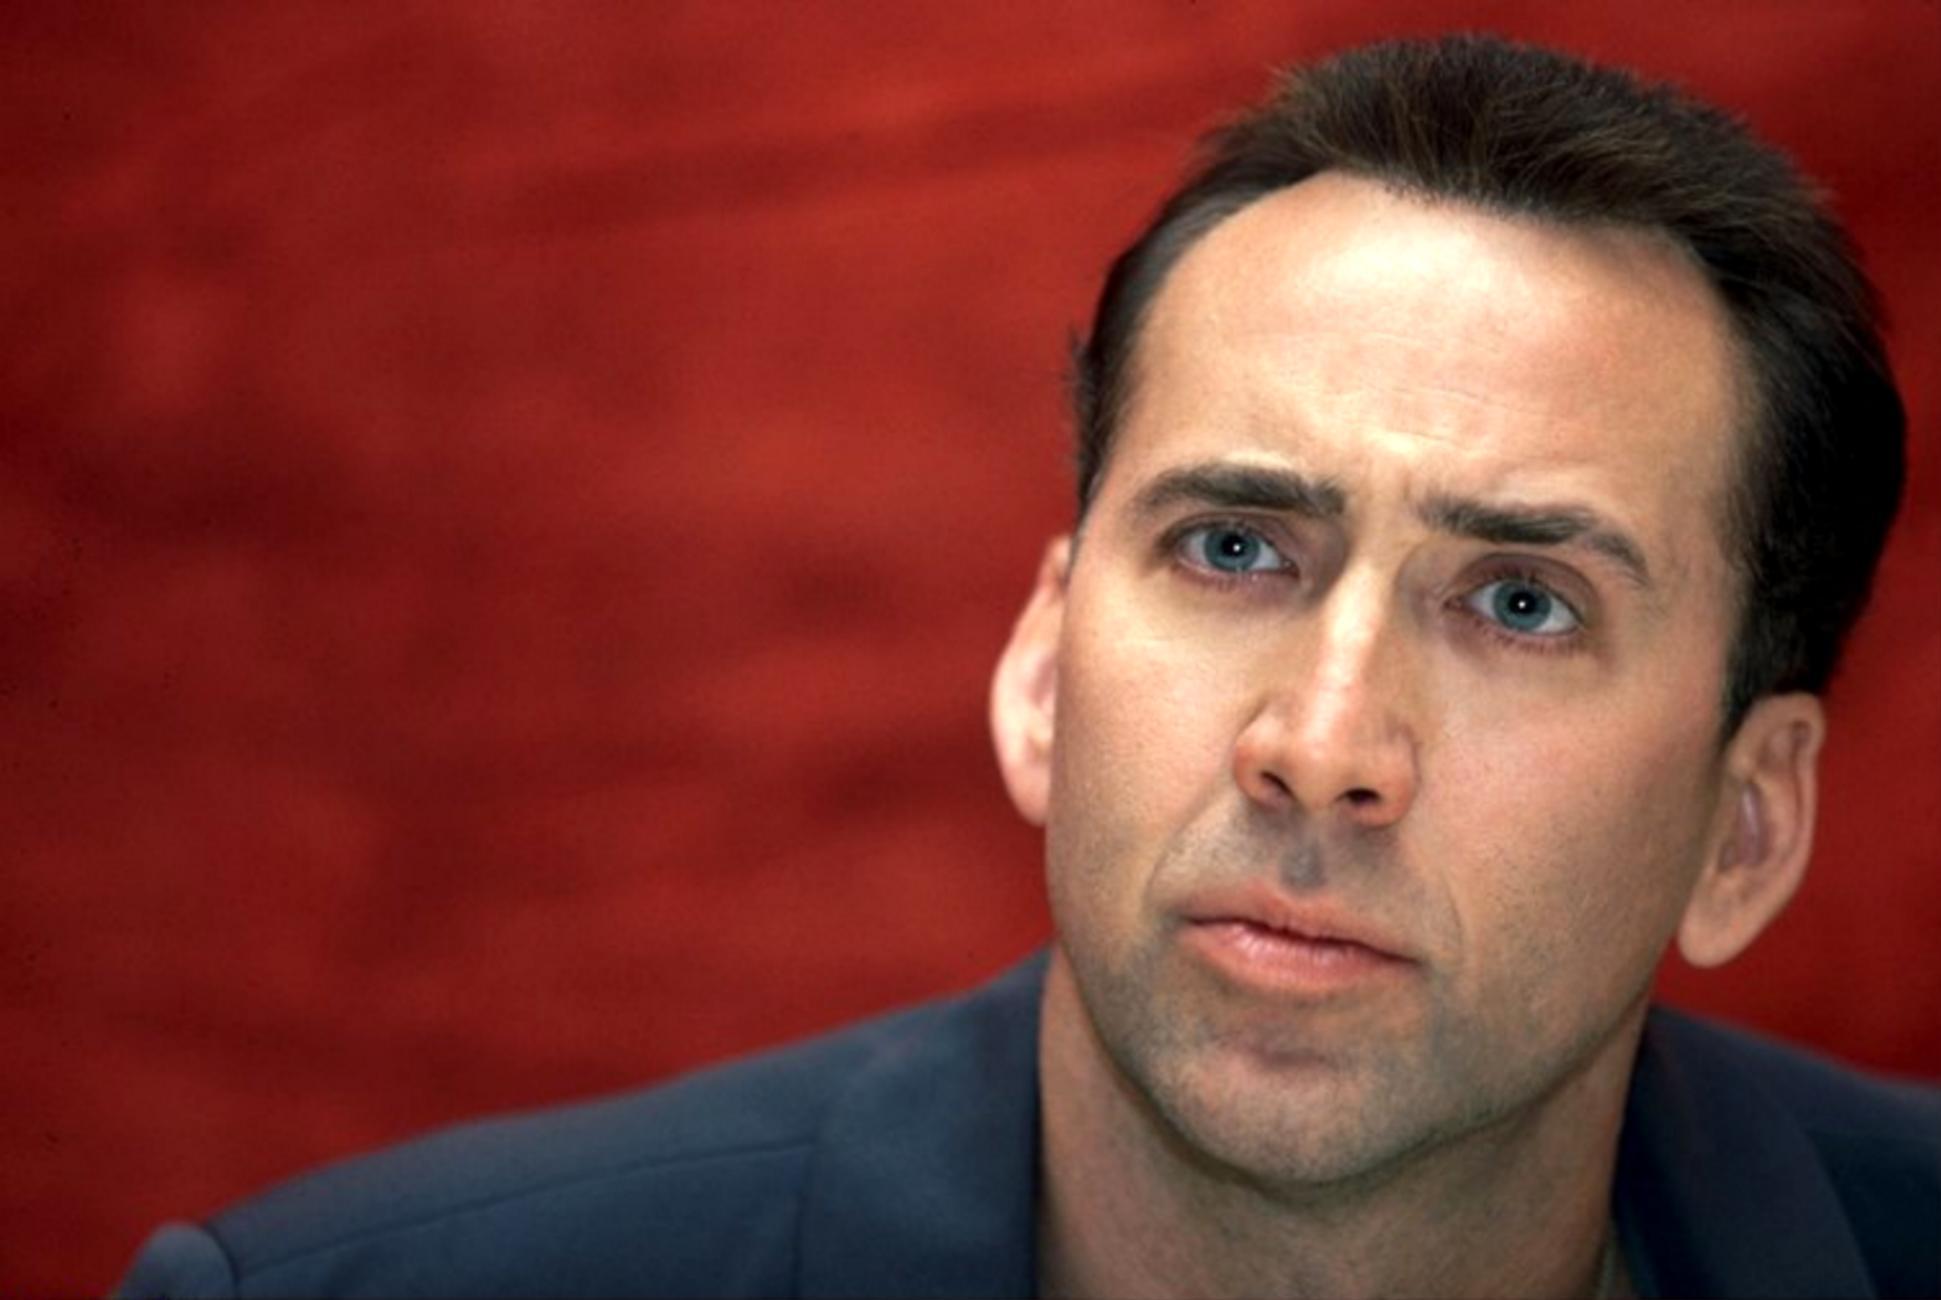 Nicolas Cage   Nicolas Cage Photo 26969966 1941x1300